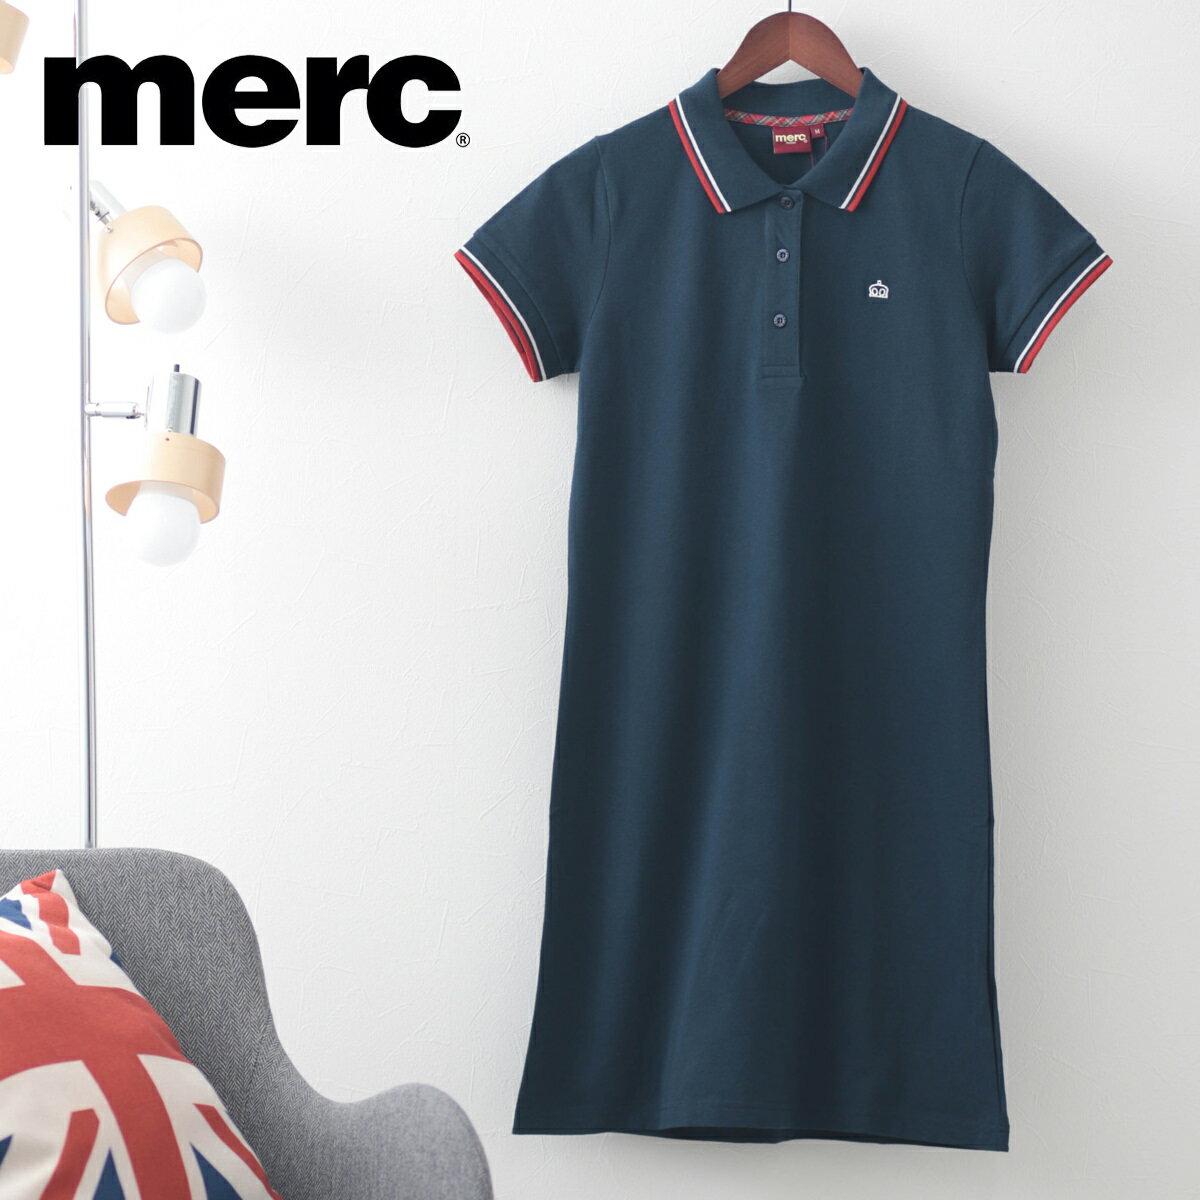 Fセール メルクロンドン Merc London ワンピース ワンピ ポロ ドレス ネイビー ブラック レディース モッズファッション プレゼント ギフト